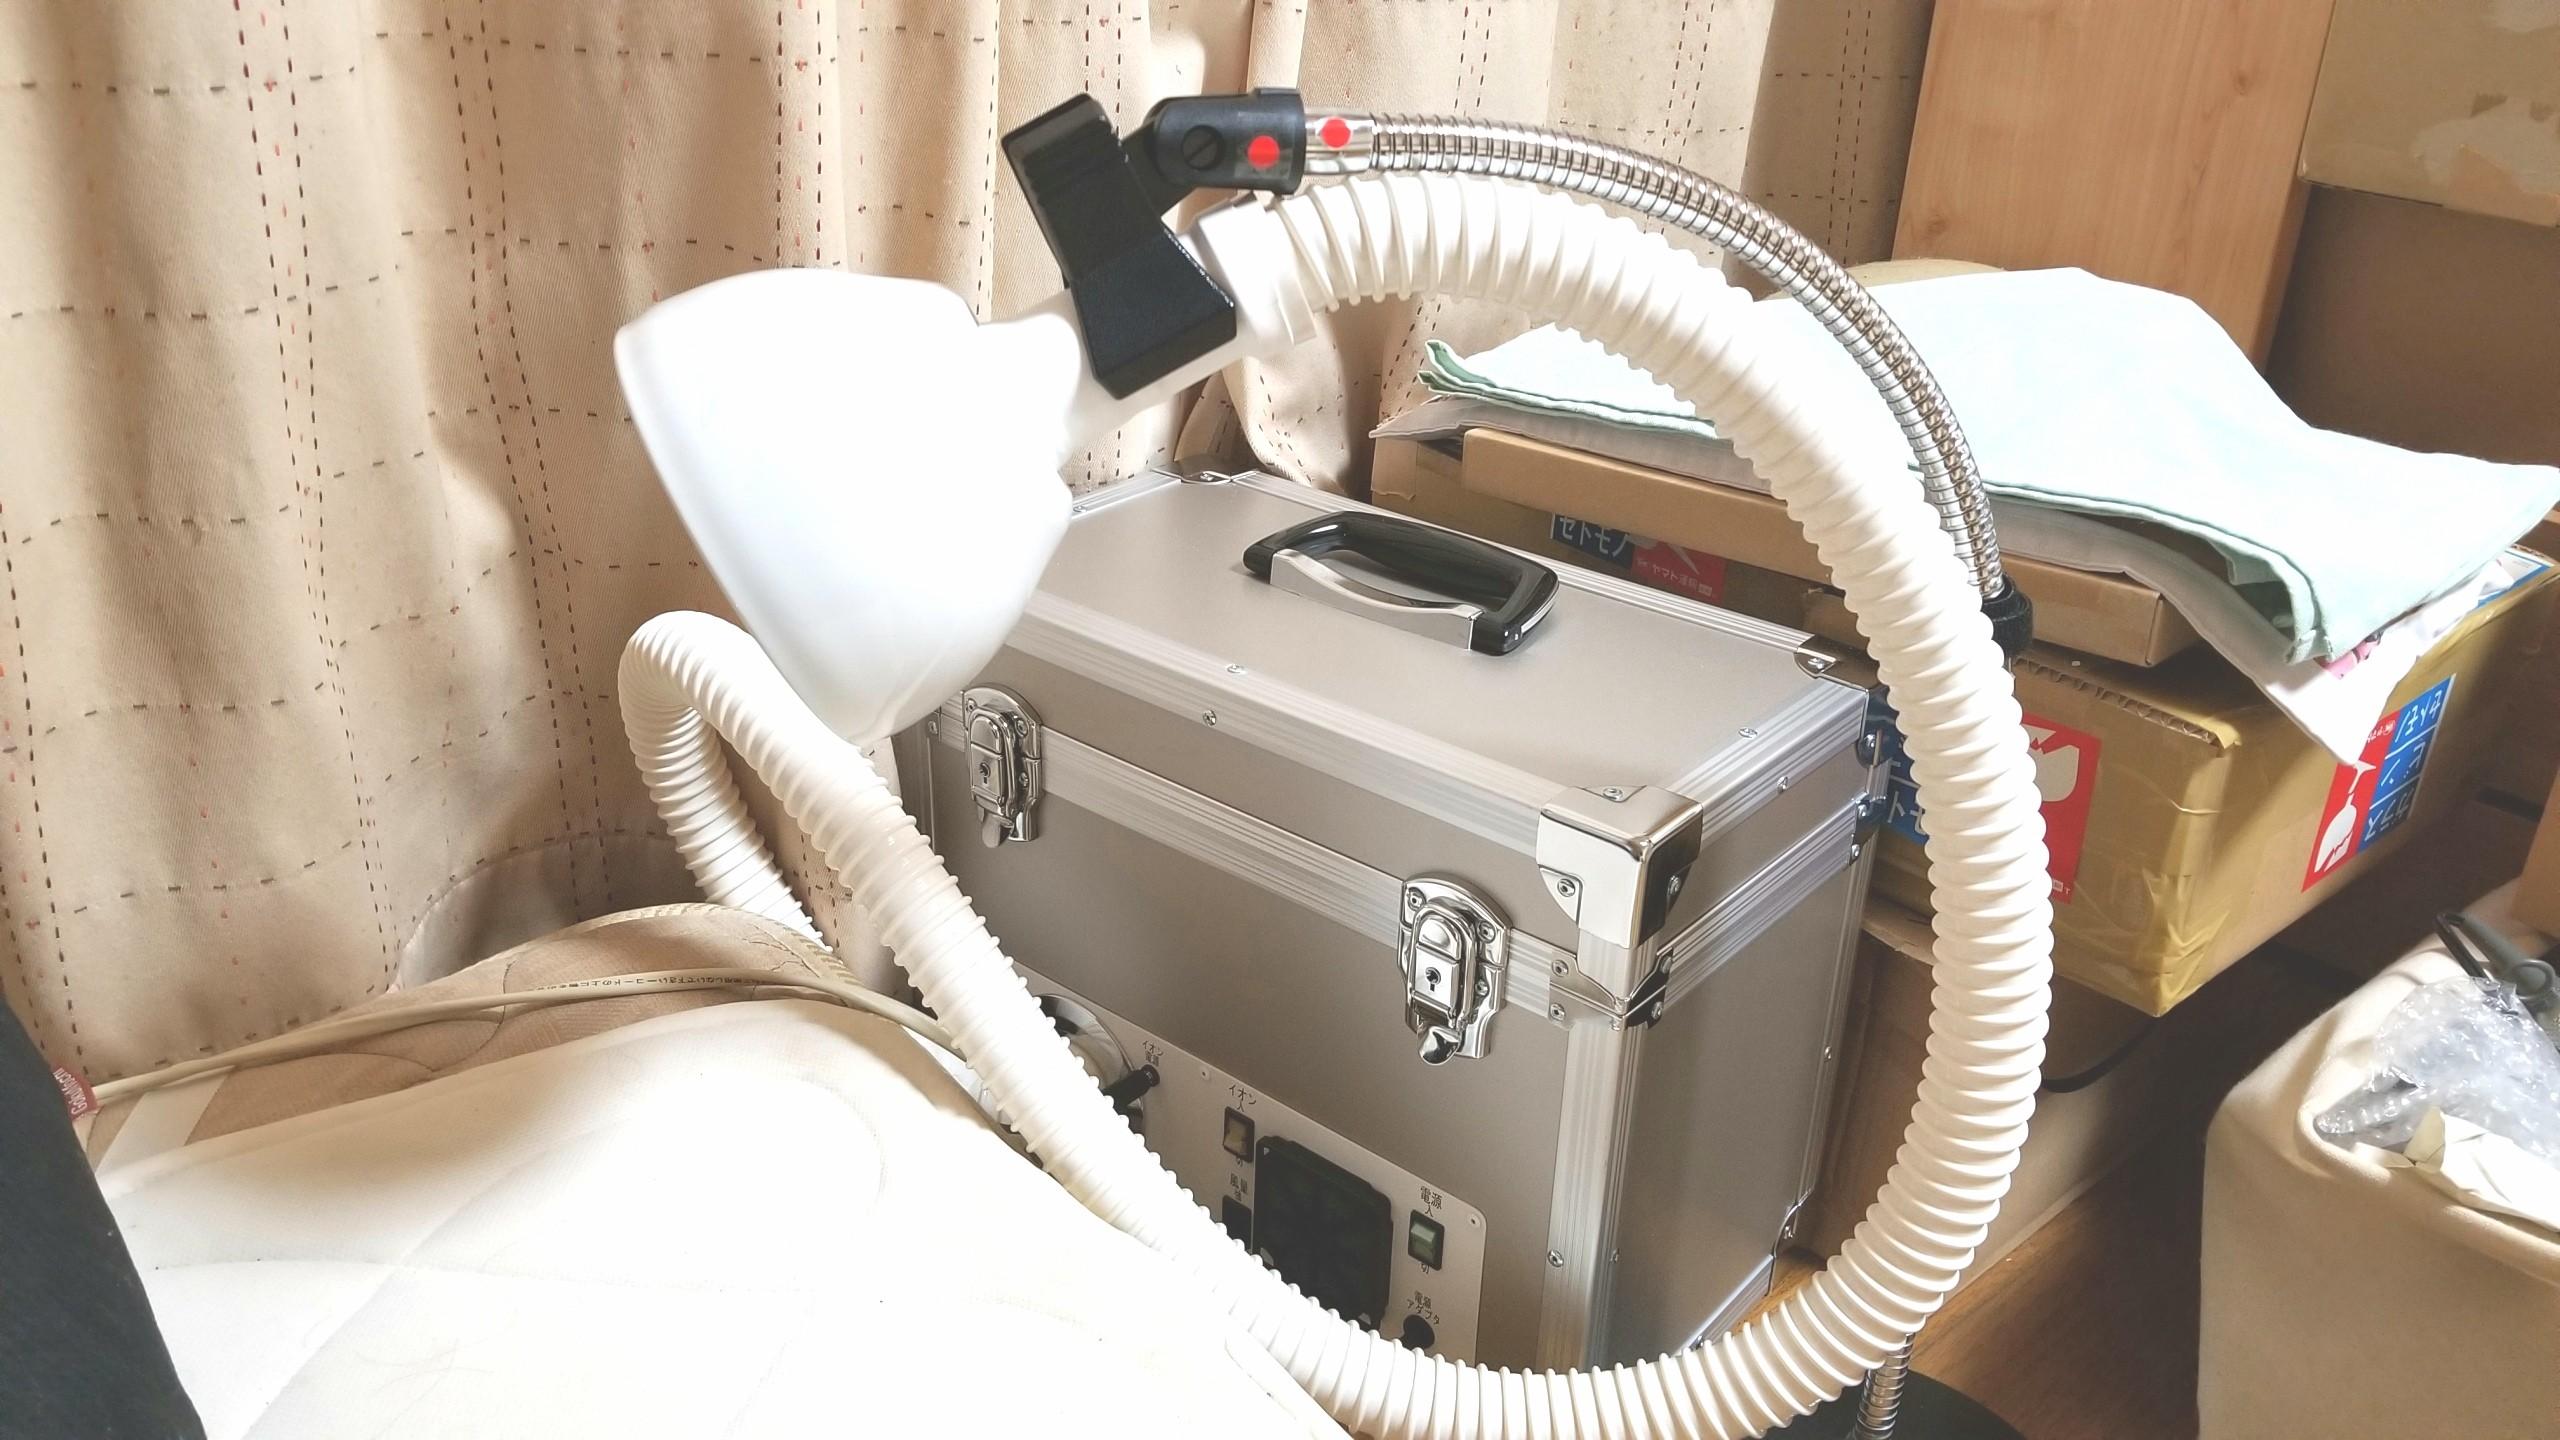 低放射線,ホルミシス効果治療,線維筋痛症,痛みが消える吸引器